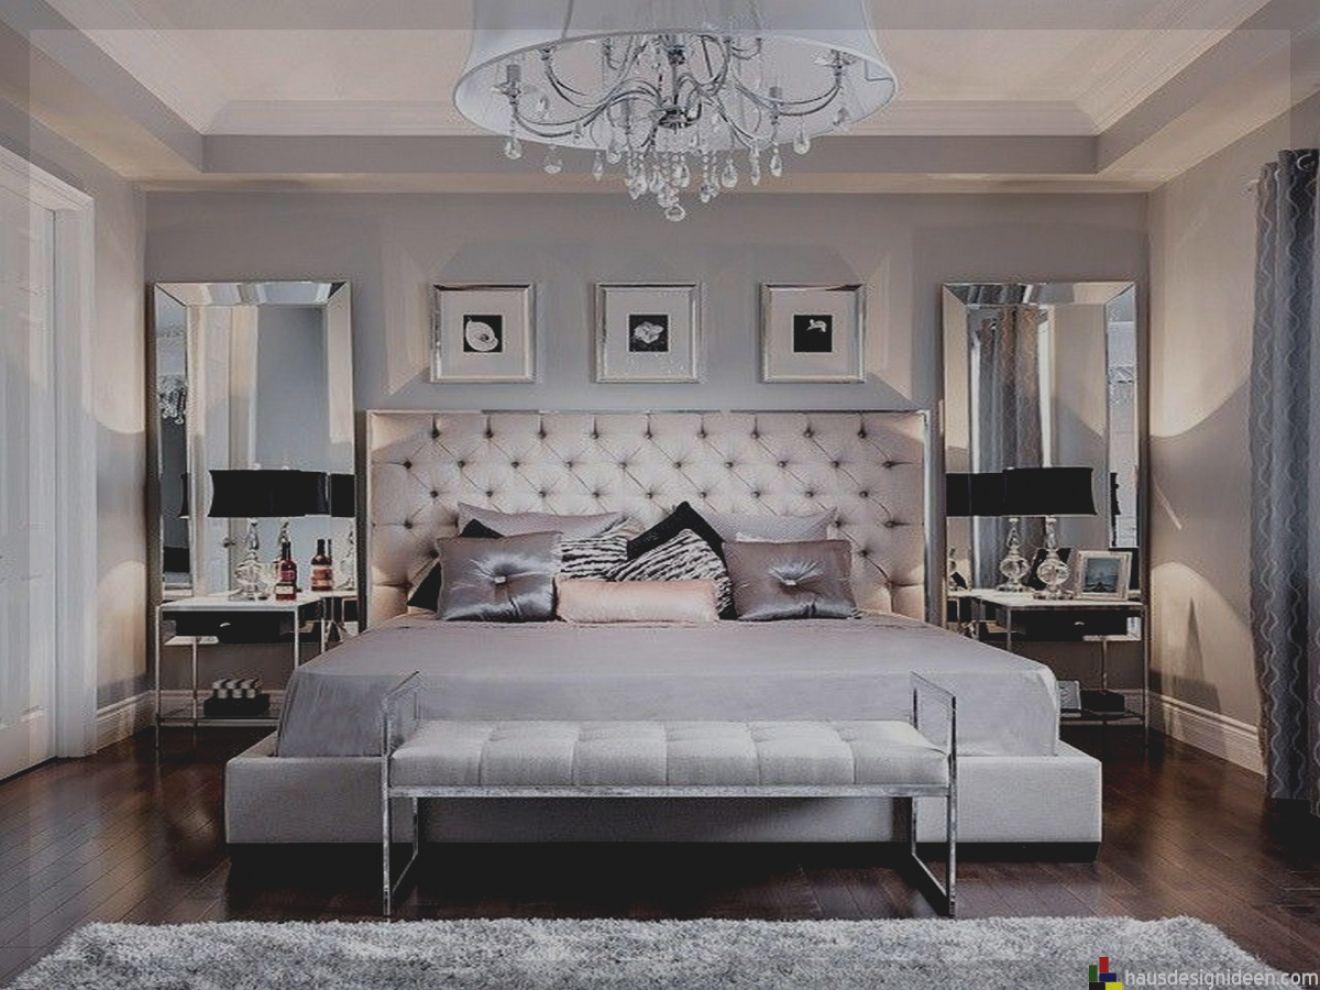 Erstaunlich Schlafzimmer Ideen In Weis Architektur Weiß